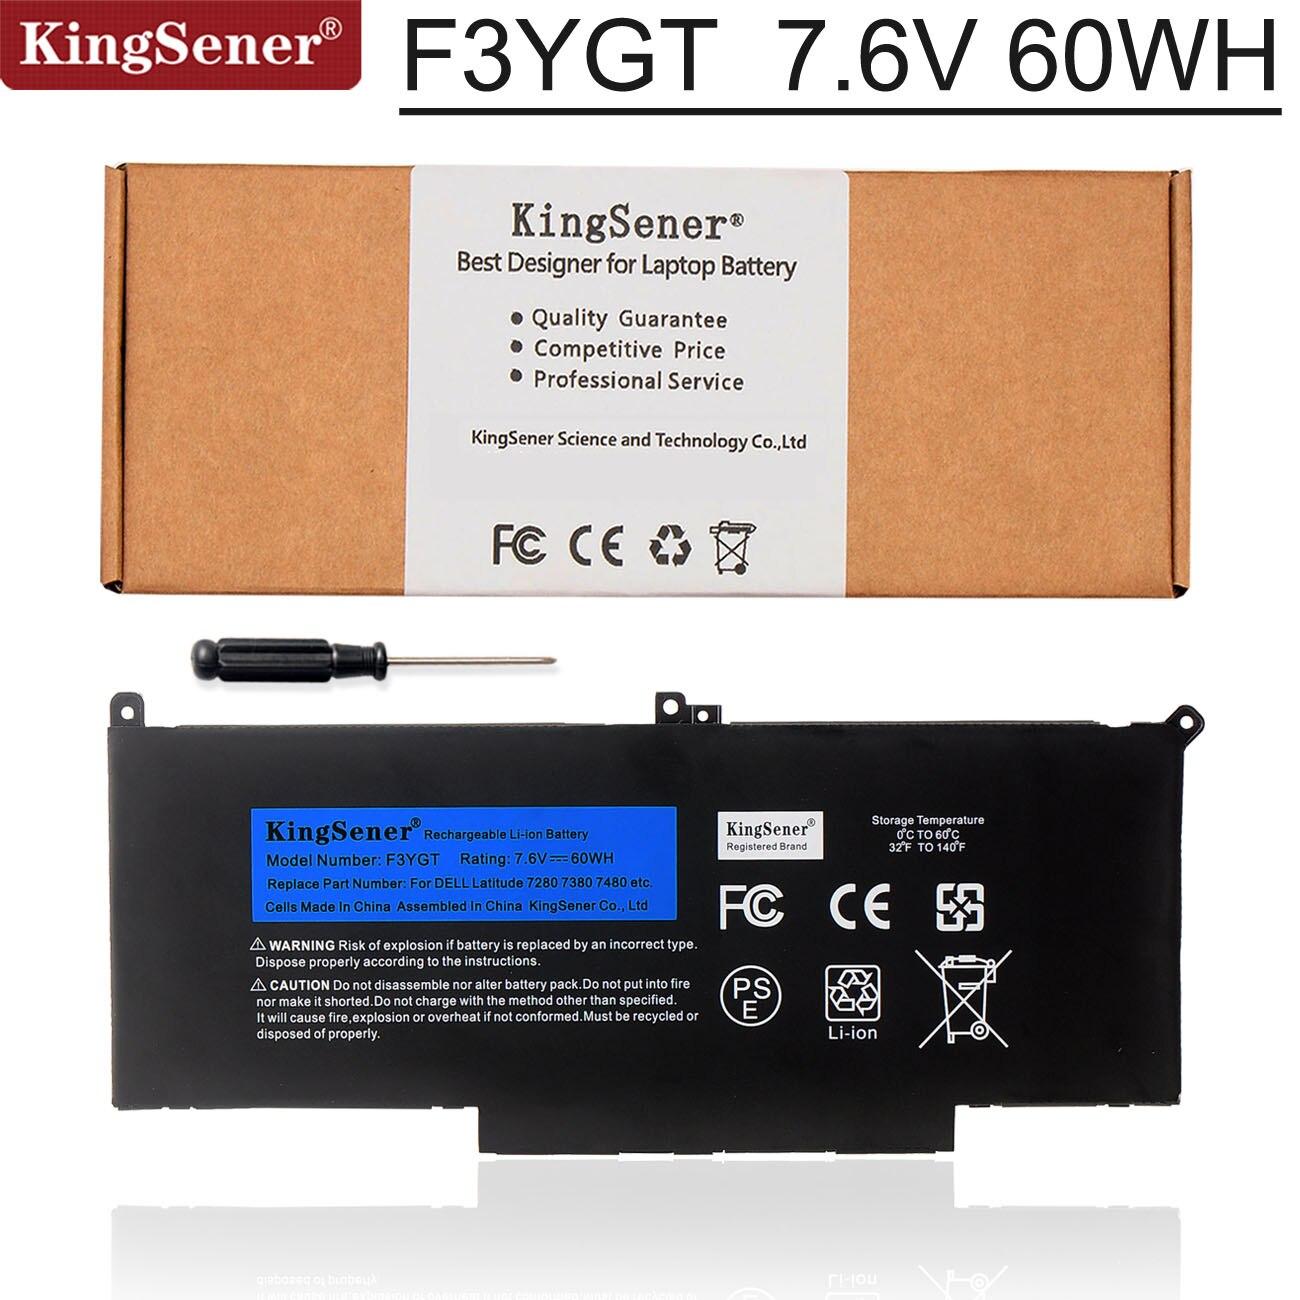 Kingsener F3YGT بطارية كمبيوتر محمول لديل خط العرض 12 7000 E7280 E7290 E7380 E7390 E7480 E7490 F3YGT 2X39G 7.6V 60WH